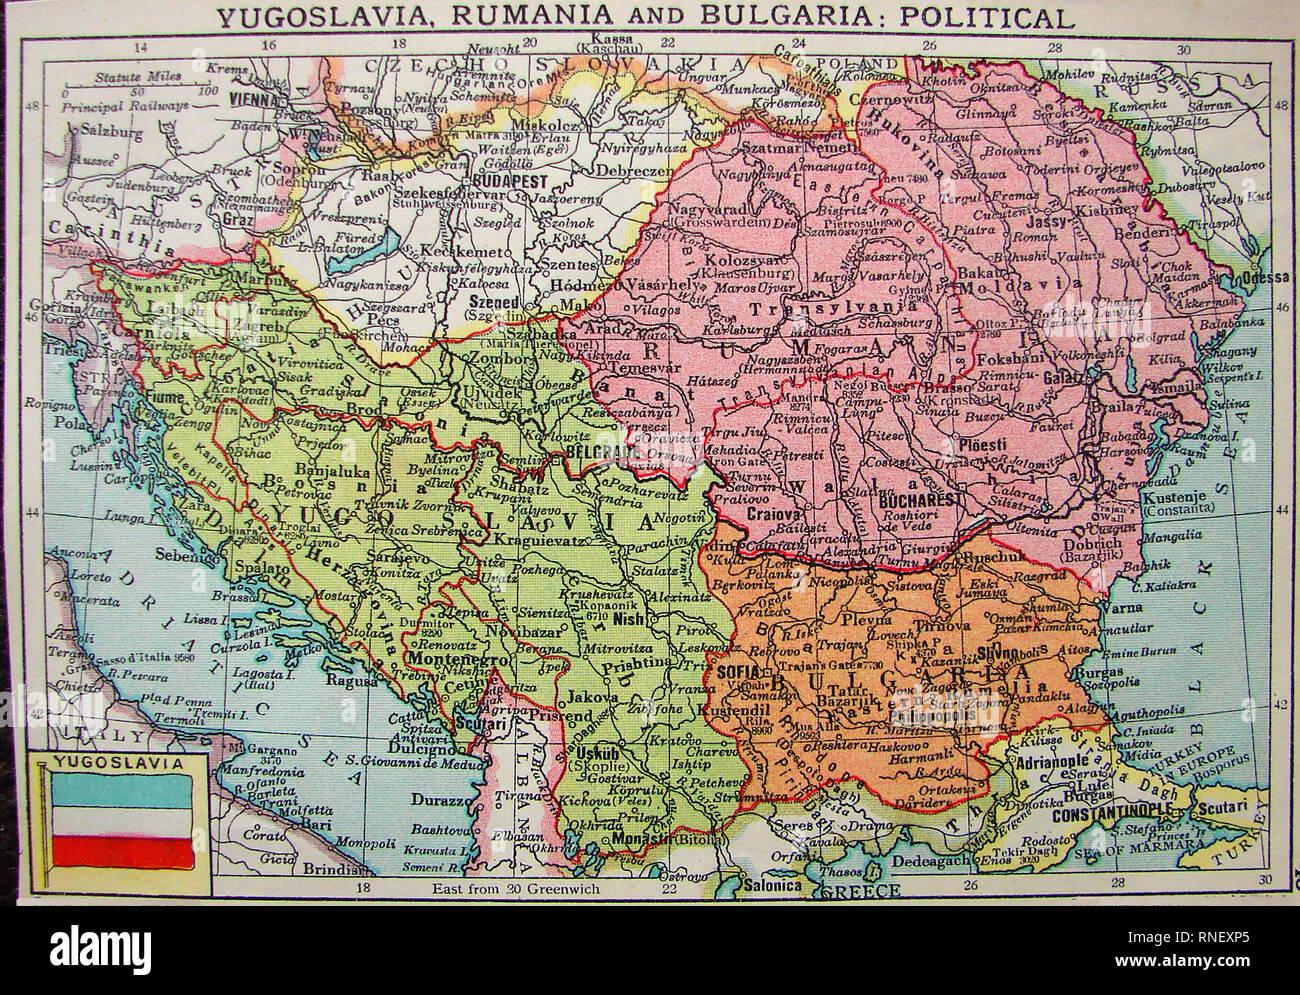 Jugoslawien Karte.1922 Farbige Politische Karte Von Jugoslawien Rumänien Und